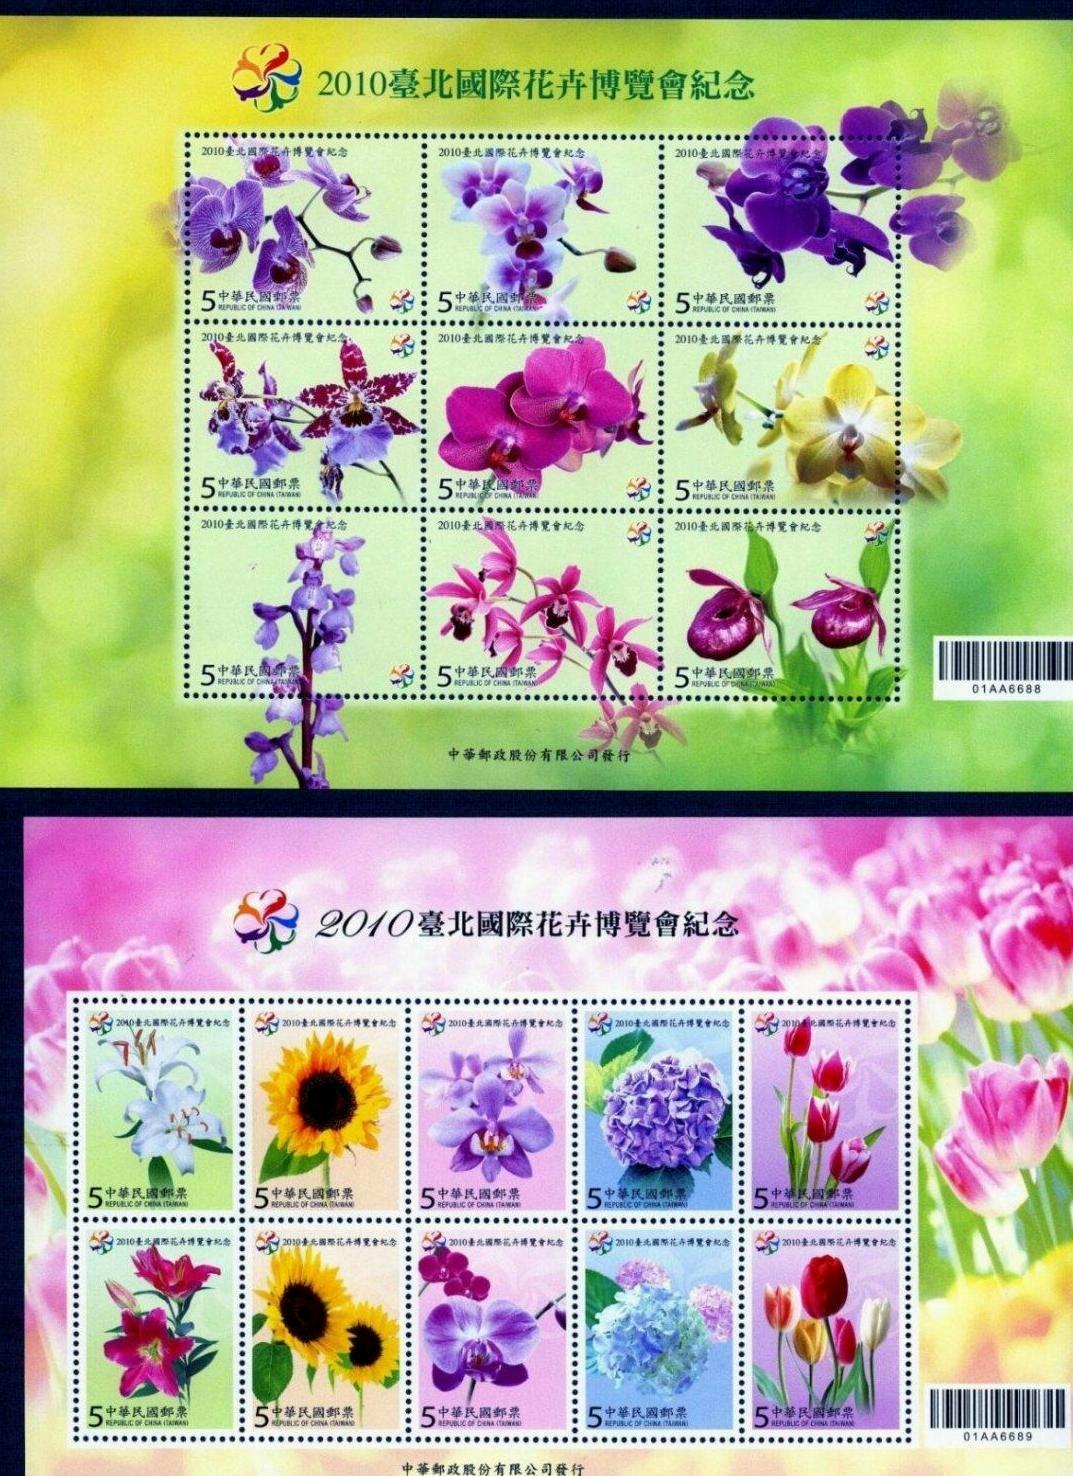 2010世界花卉博覽會,11/6日在台北開幕,中華郵政特發行紀念郵票,提前於11/4日發售。